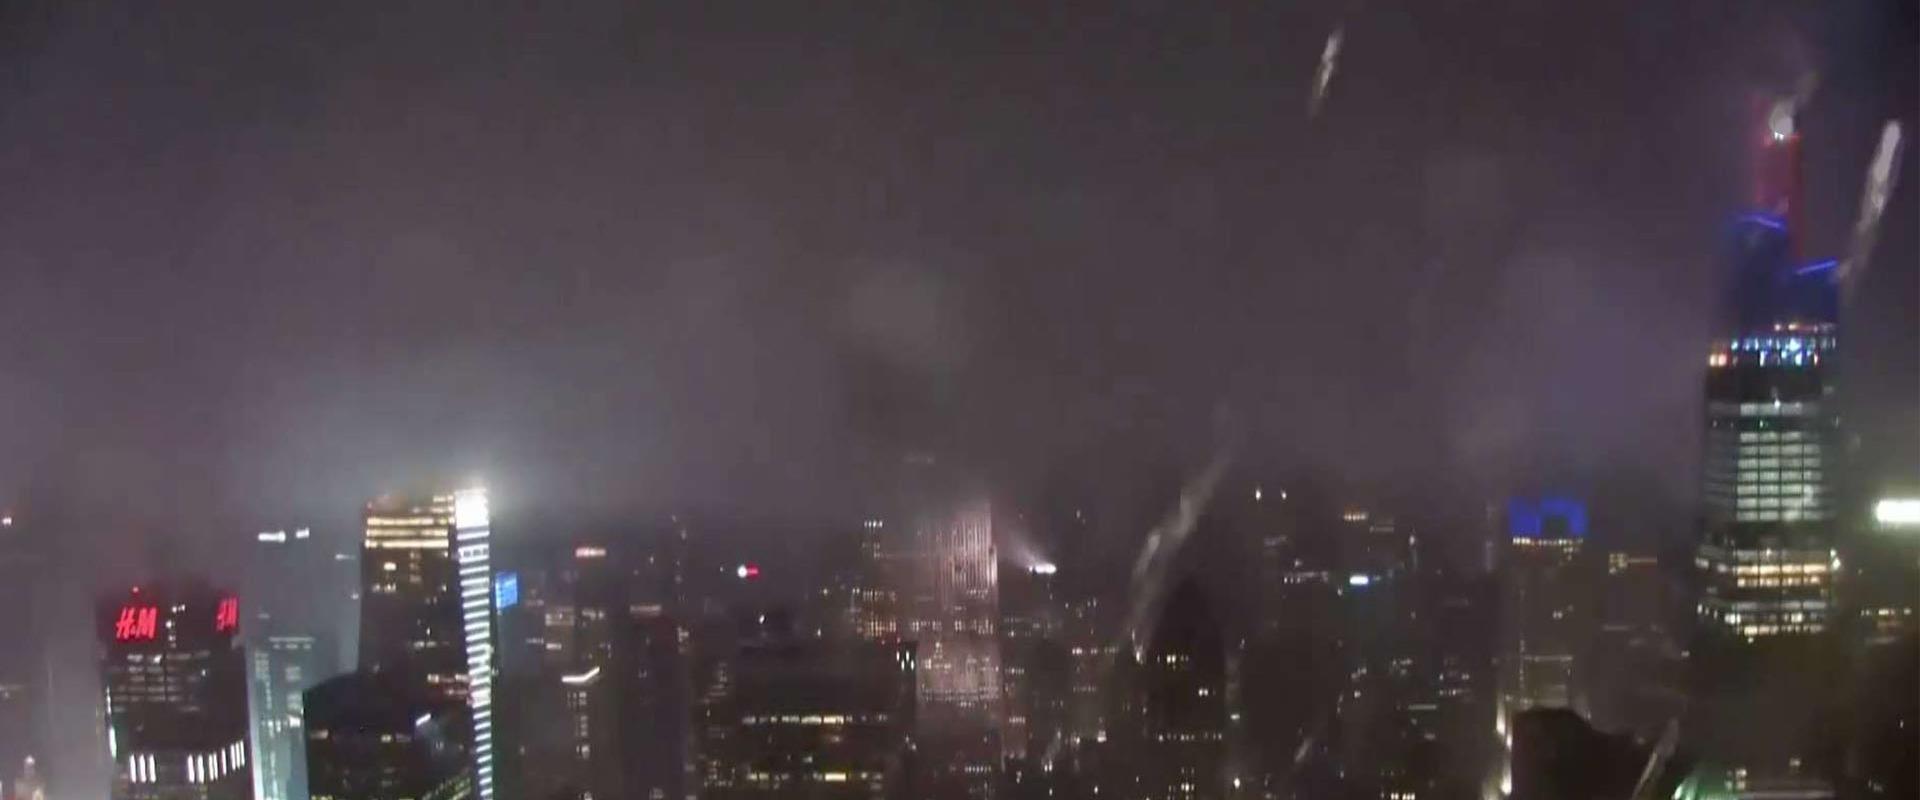 גשמים עזים בניו יורק